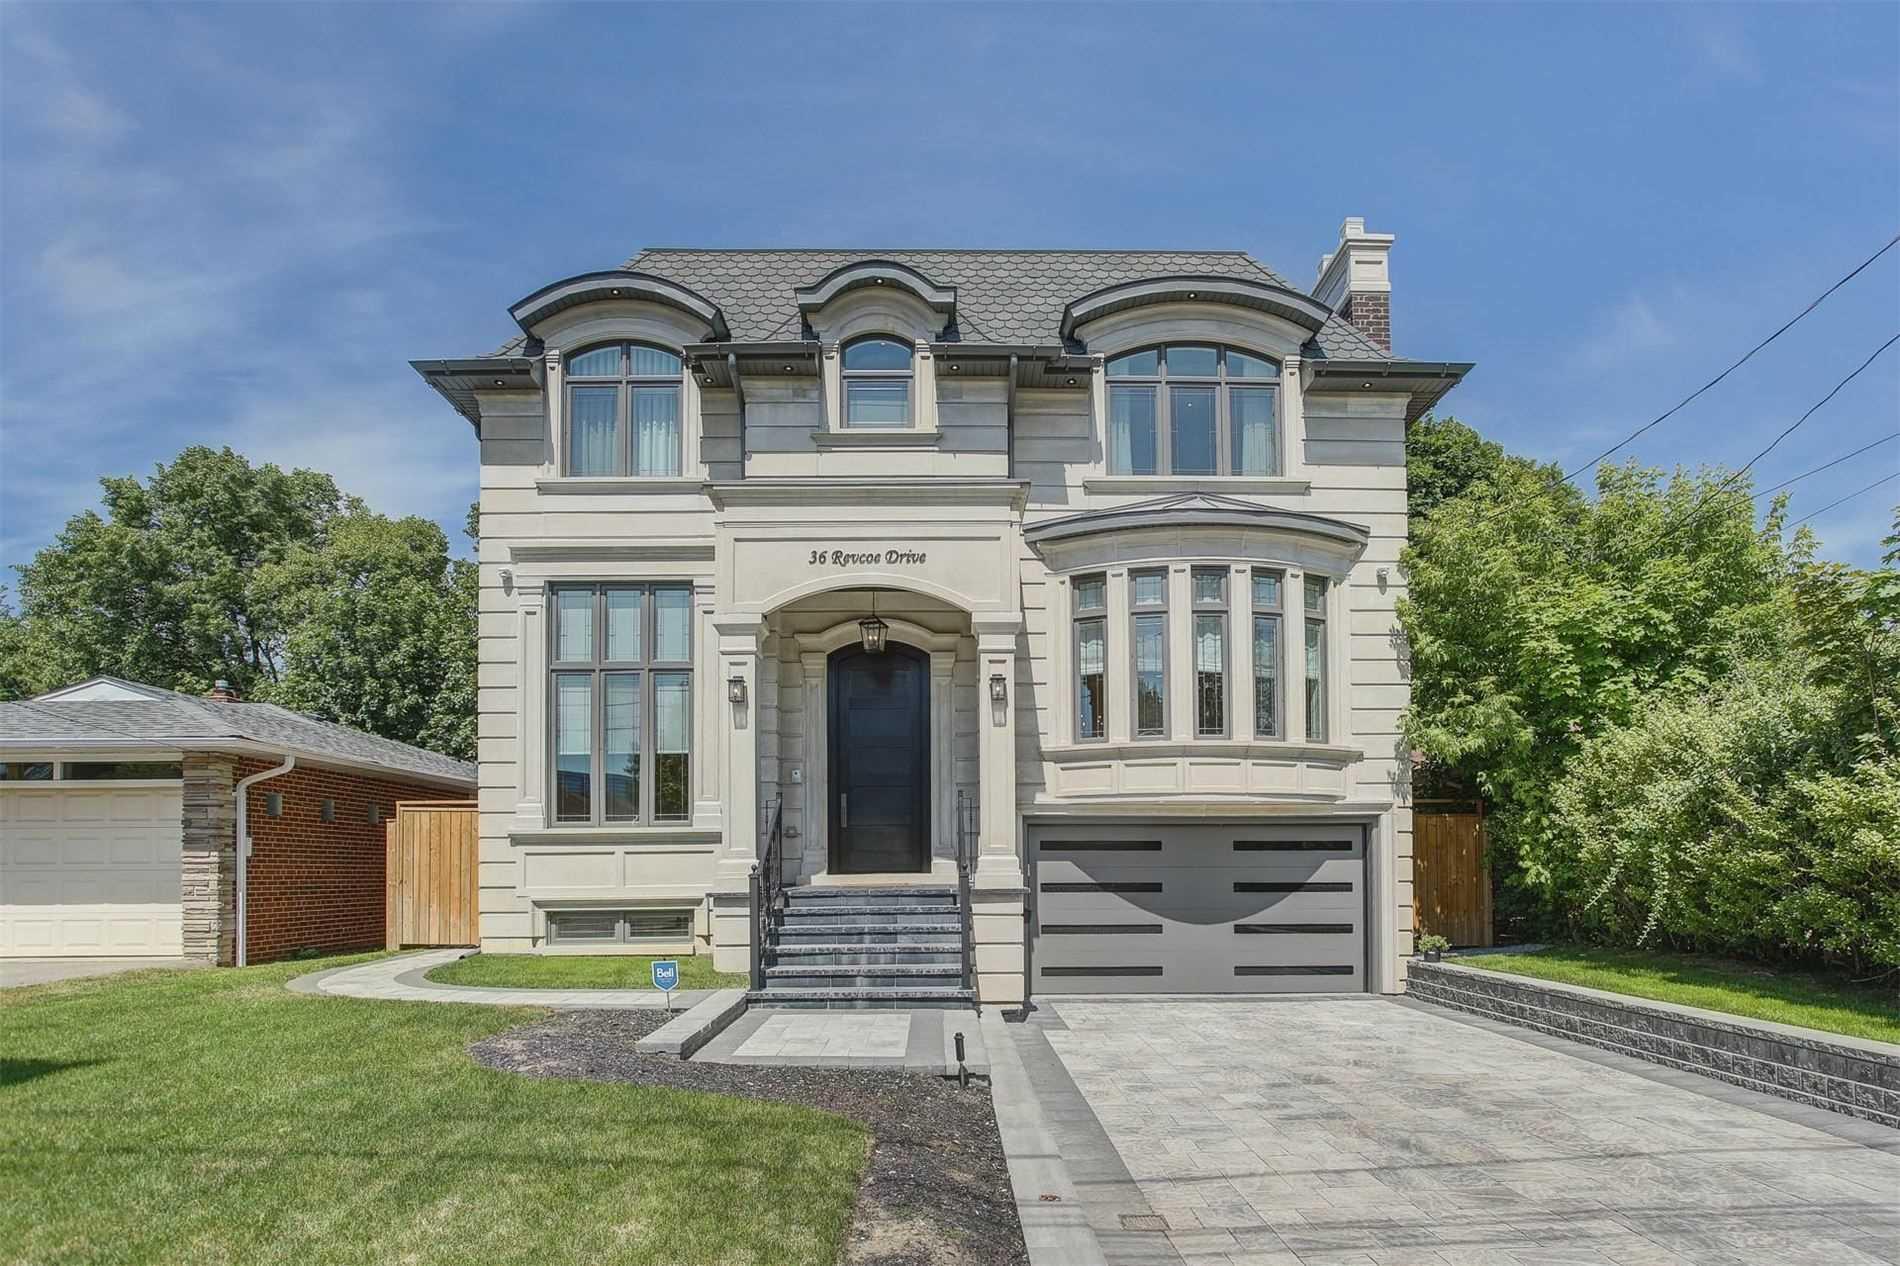 36 Revcoe Dr, Toronto, Ontario M2M2B8, 4 Bedrooms Bedrooms, 10 Rooms Rooms,7 BathroomsBathrooms,Detached,For Sale,Revcoe,C5290212